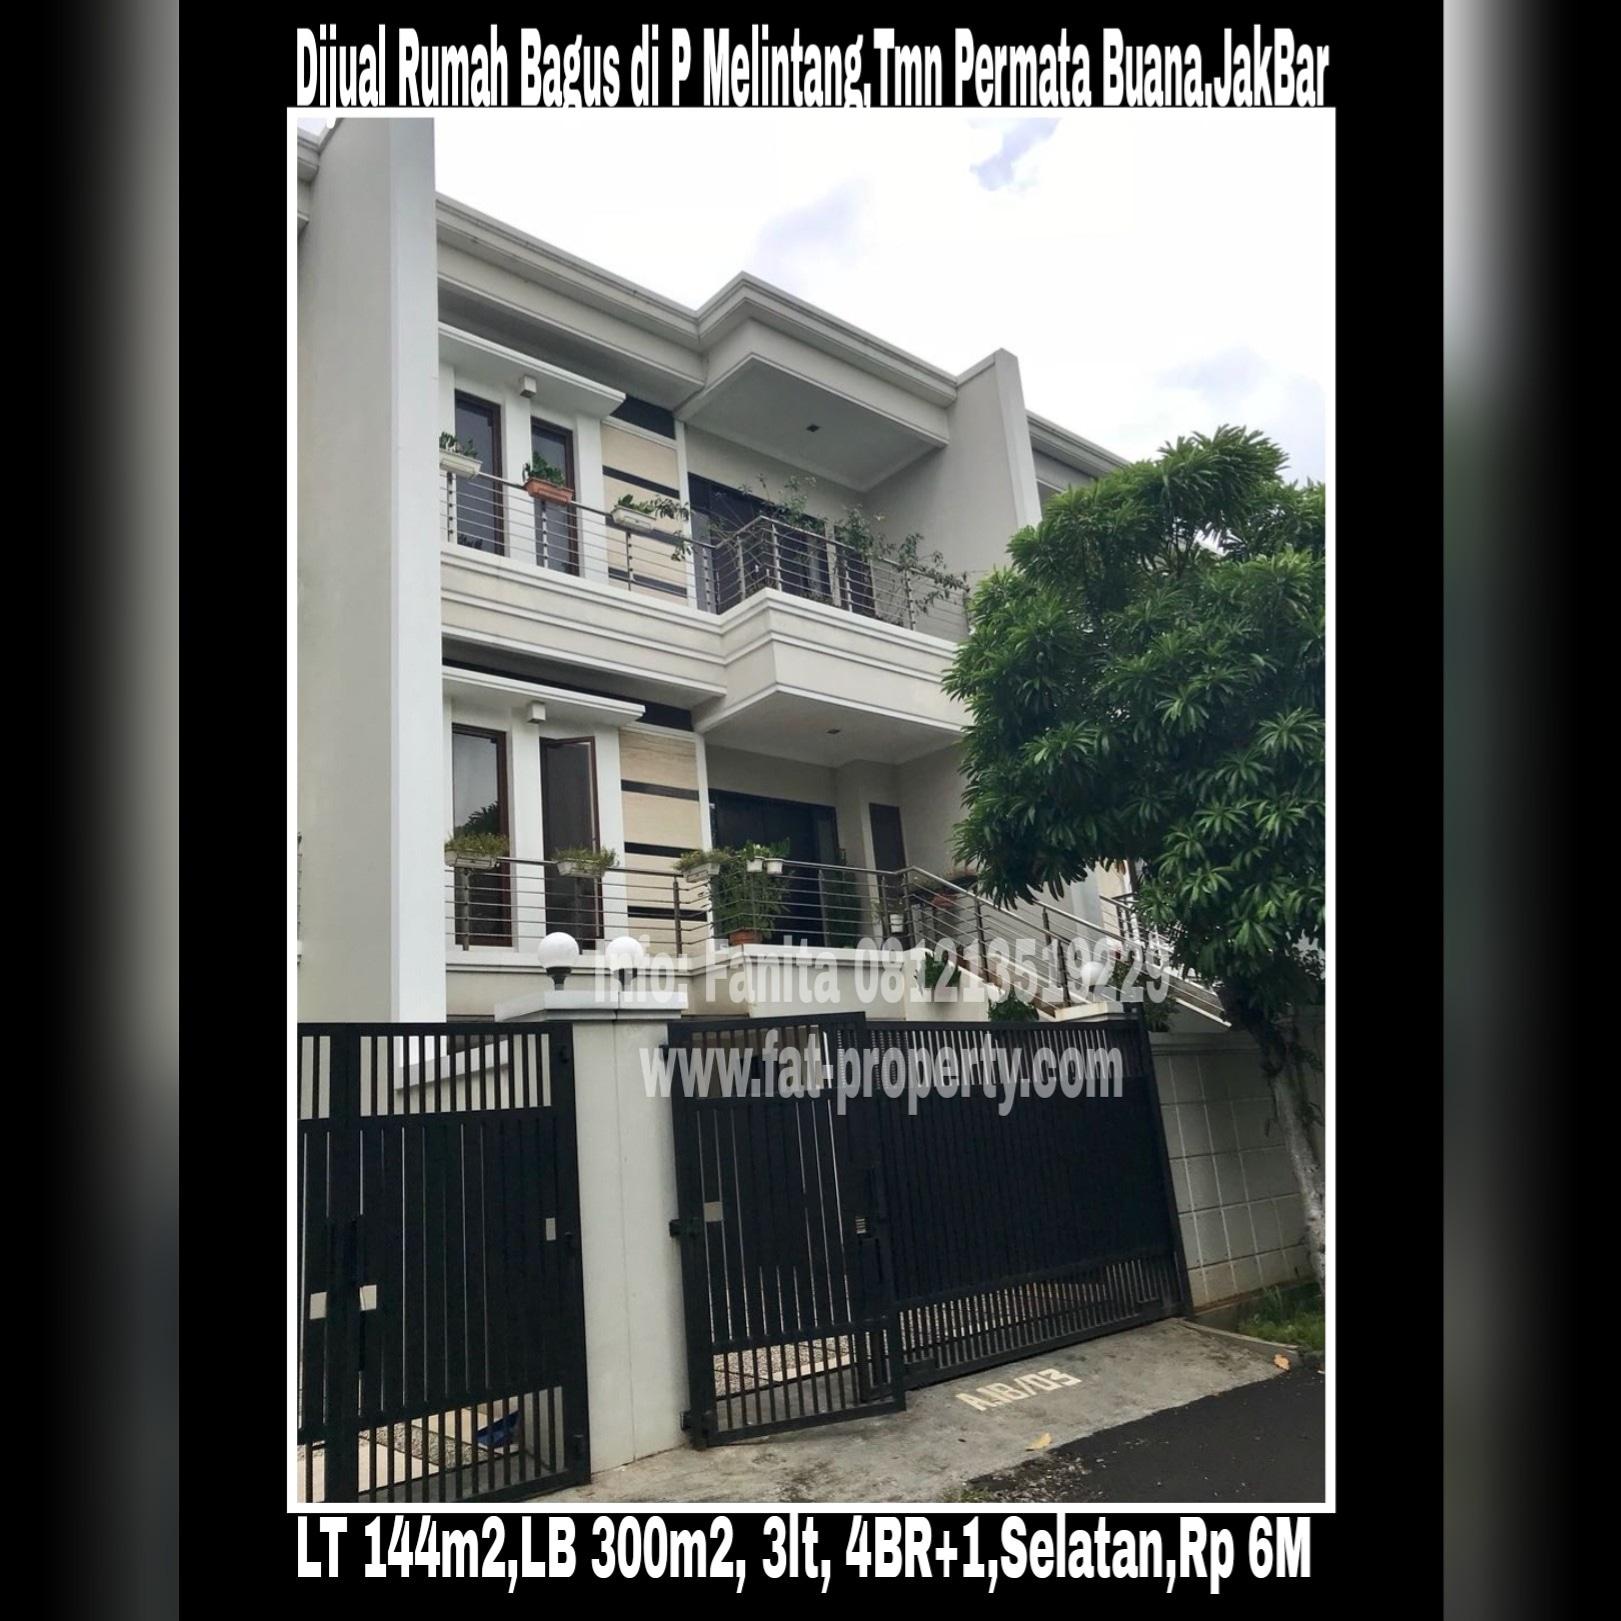 Rumah Minimalis 5 Kamar Tidur Jakarta Timur Rumah Di Jakarta